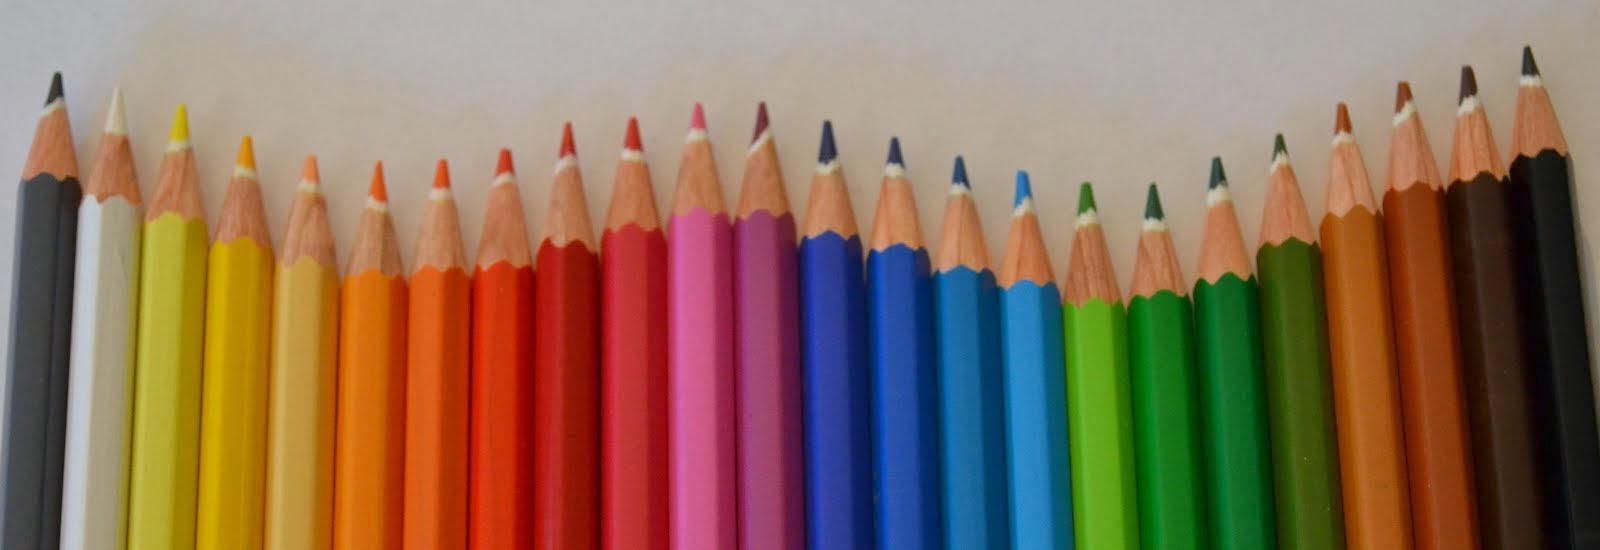 L'arc-en-ciel en crayons